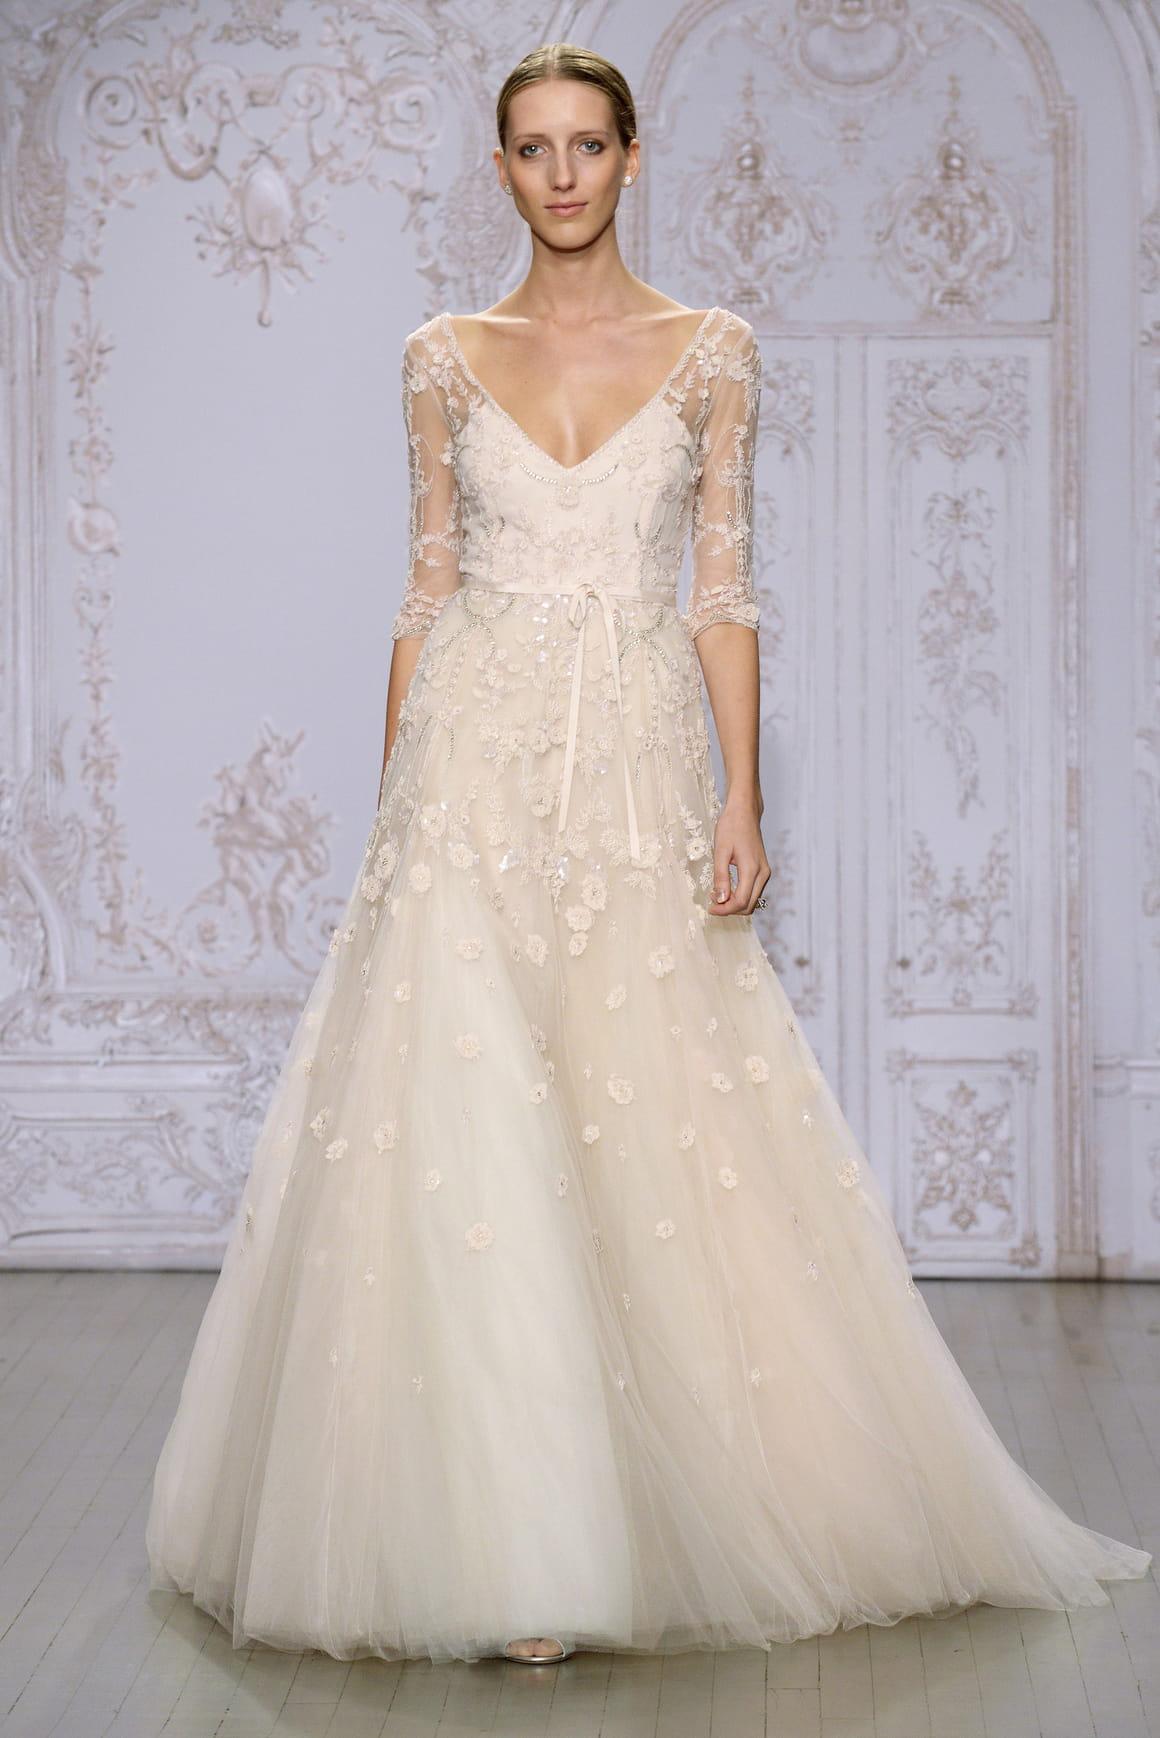 Robe de mariée Monique Lhuillier : 25 robes de mariée de princesse ...